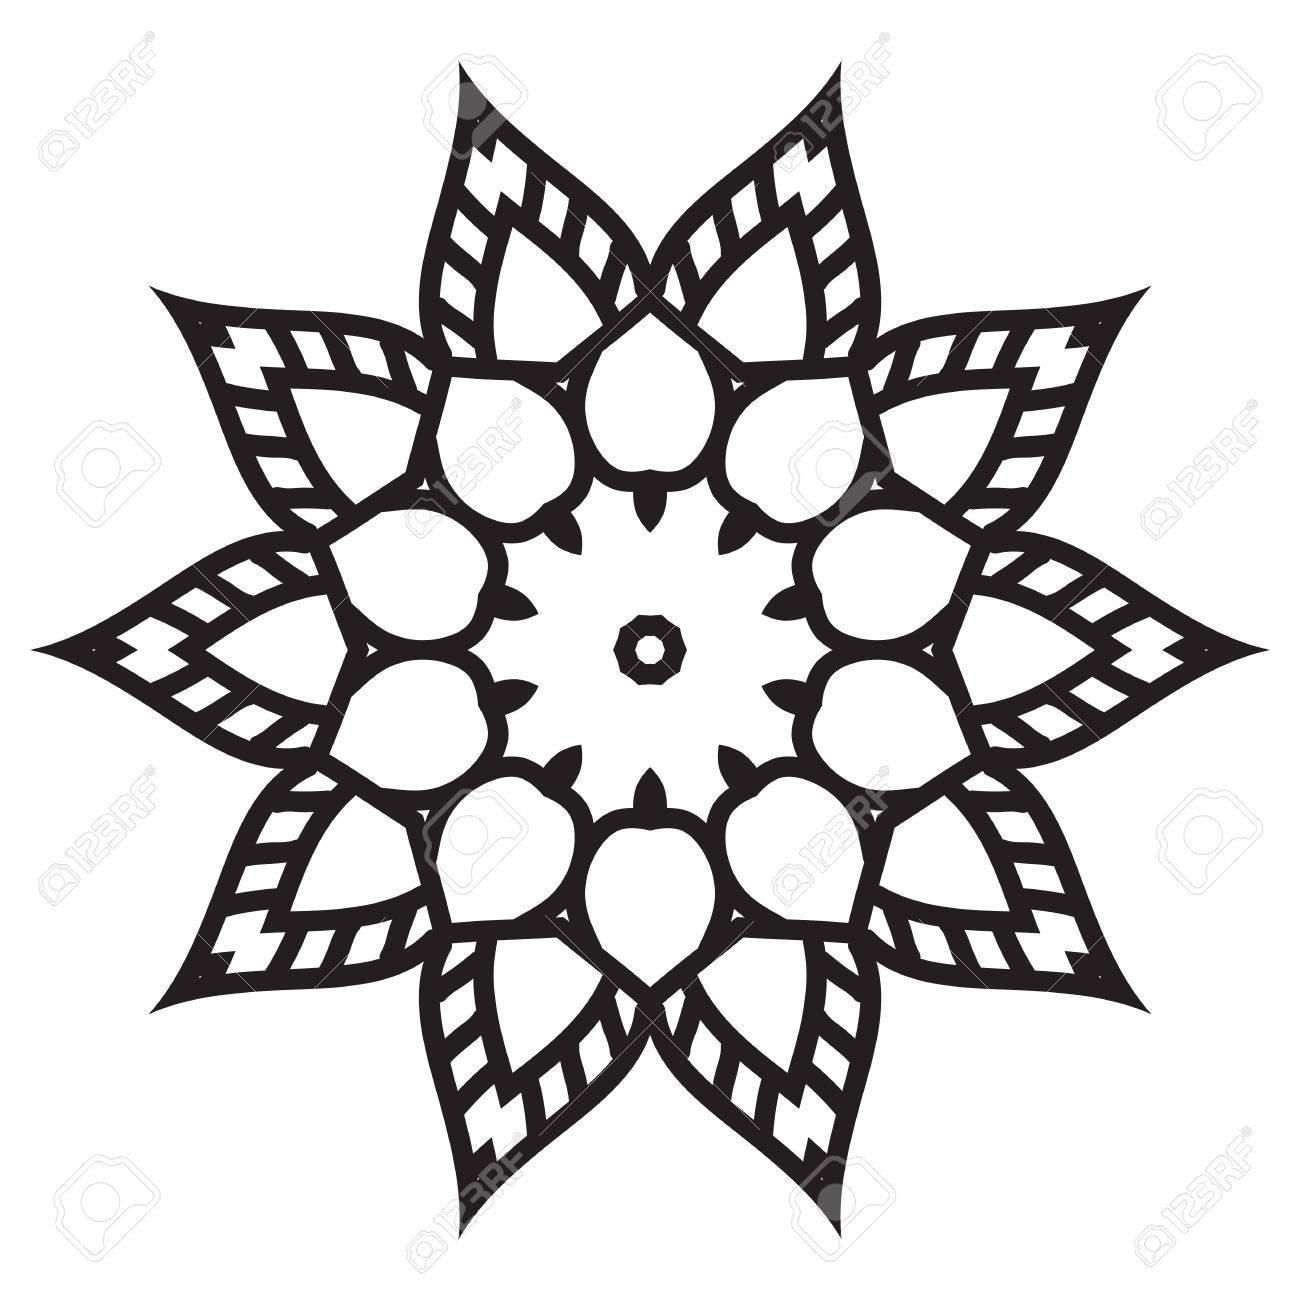 Tolle Mandala Farbseiten Bilder - Beispiel Anschreiben für ...